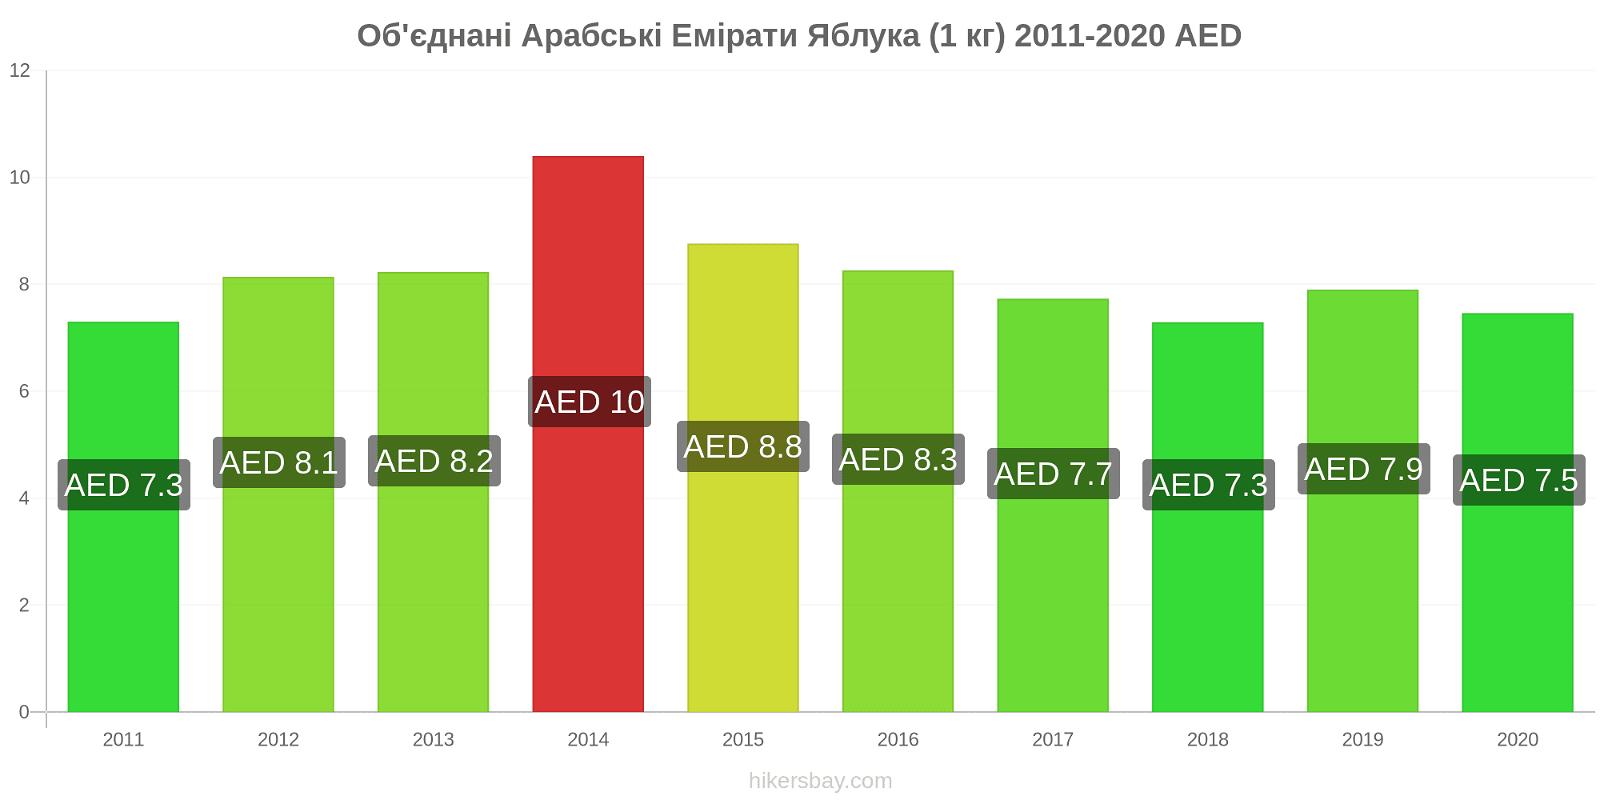 Об'єднані Арабські Емірати зміни цін Яблука (1 кг) hikersbay.com